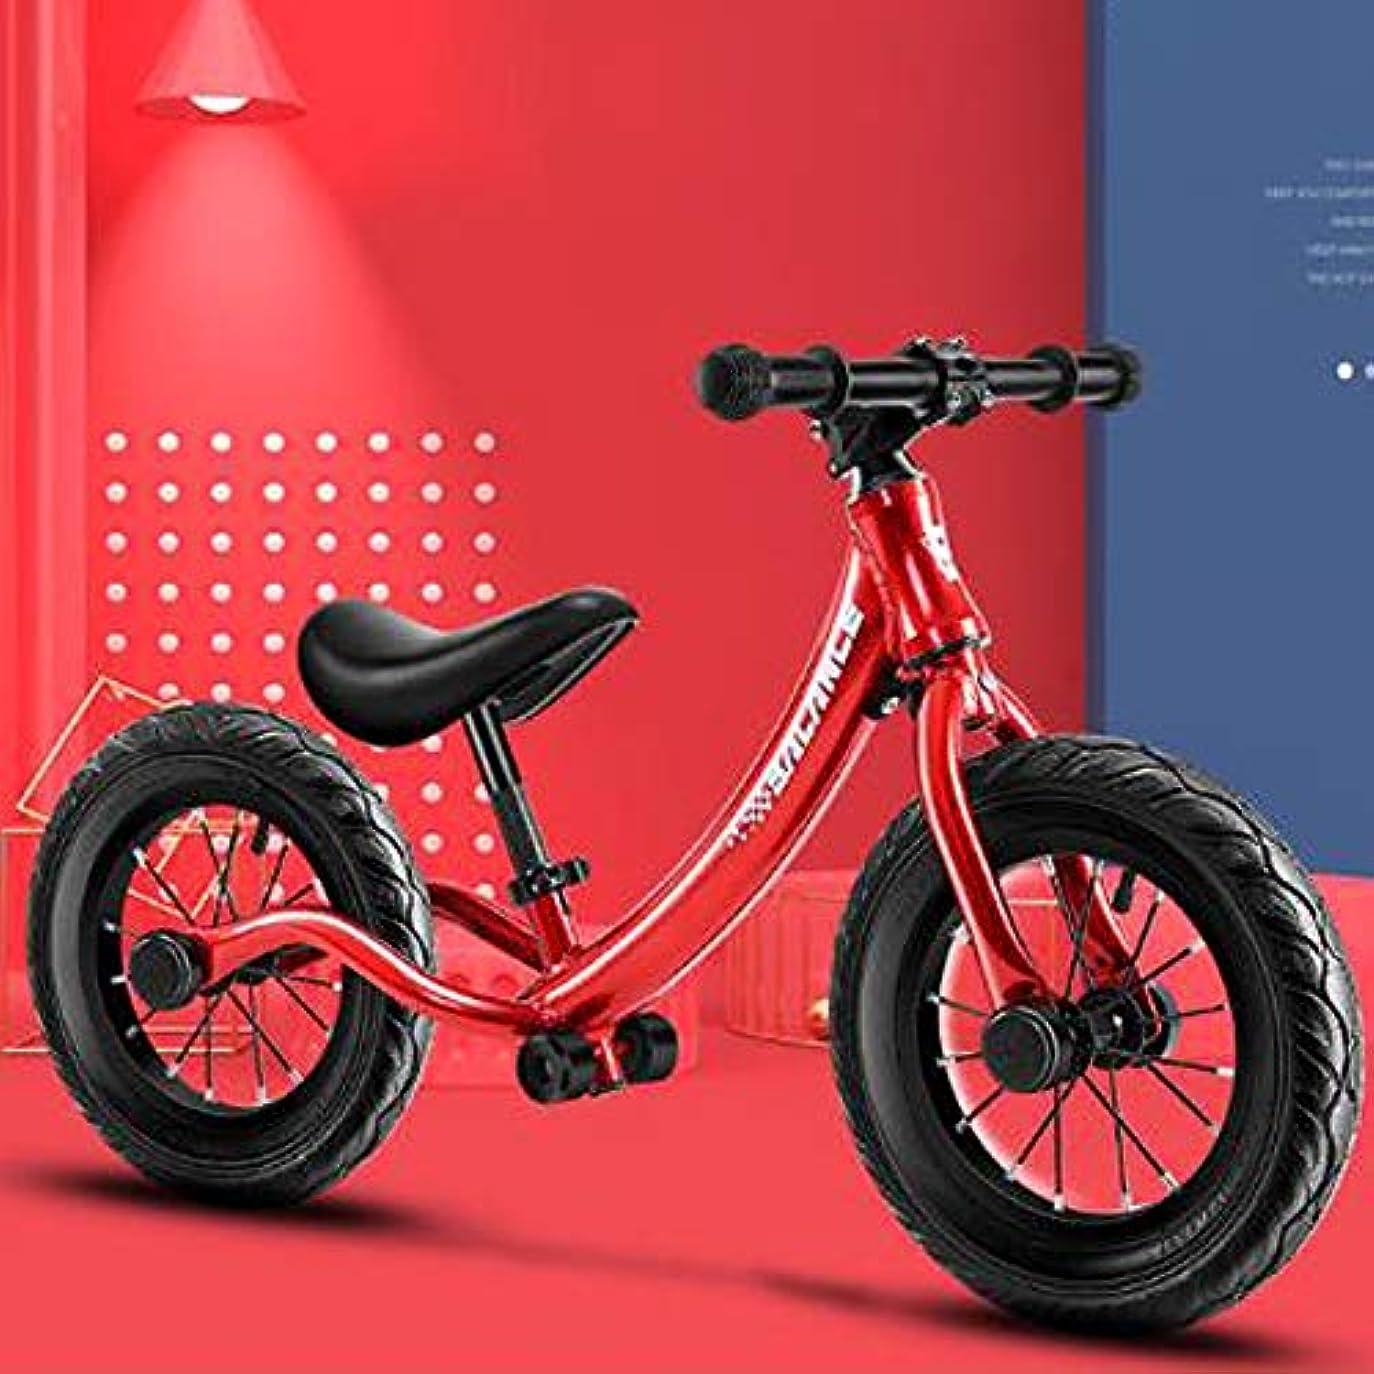 本当に敵スワップ【組立済】ゴムタイヤ装備 ペダルなし自転車 キッズバイク